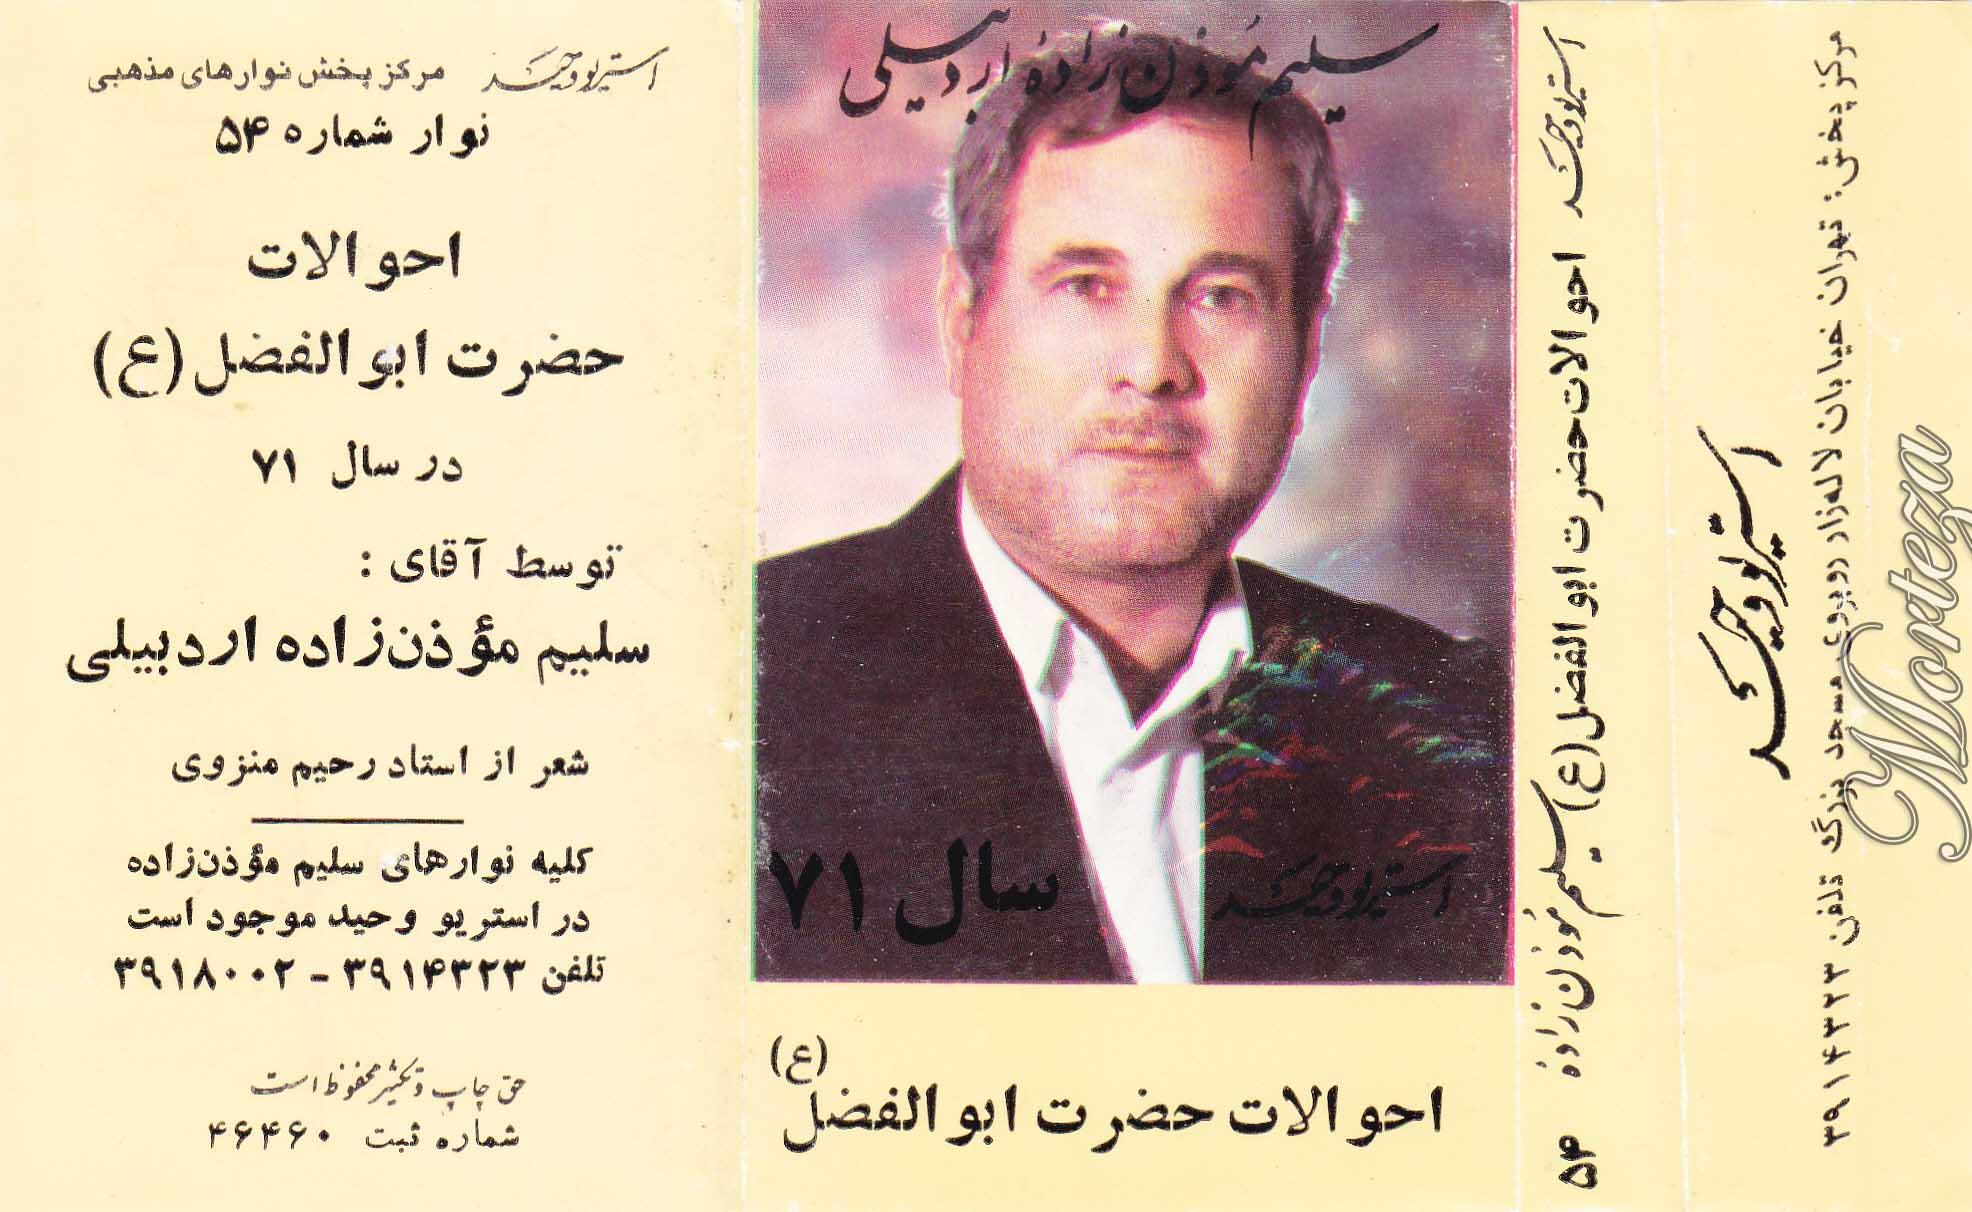 آثار جاودانه  فخرالذاکرین استاد سلیم موذن زاده اردبیلی